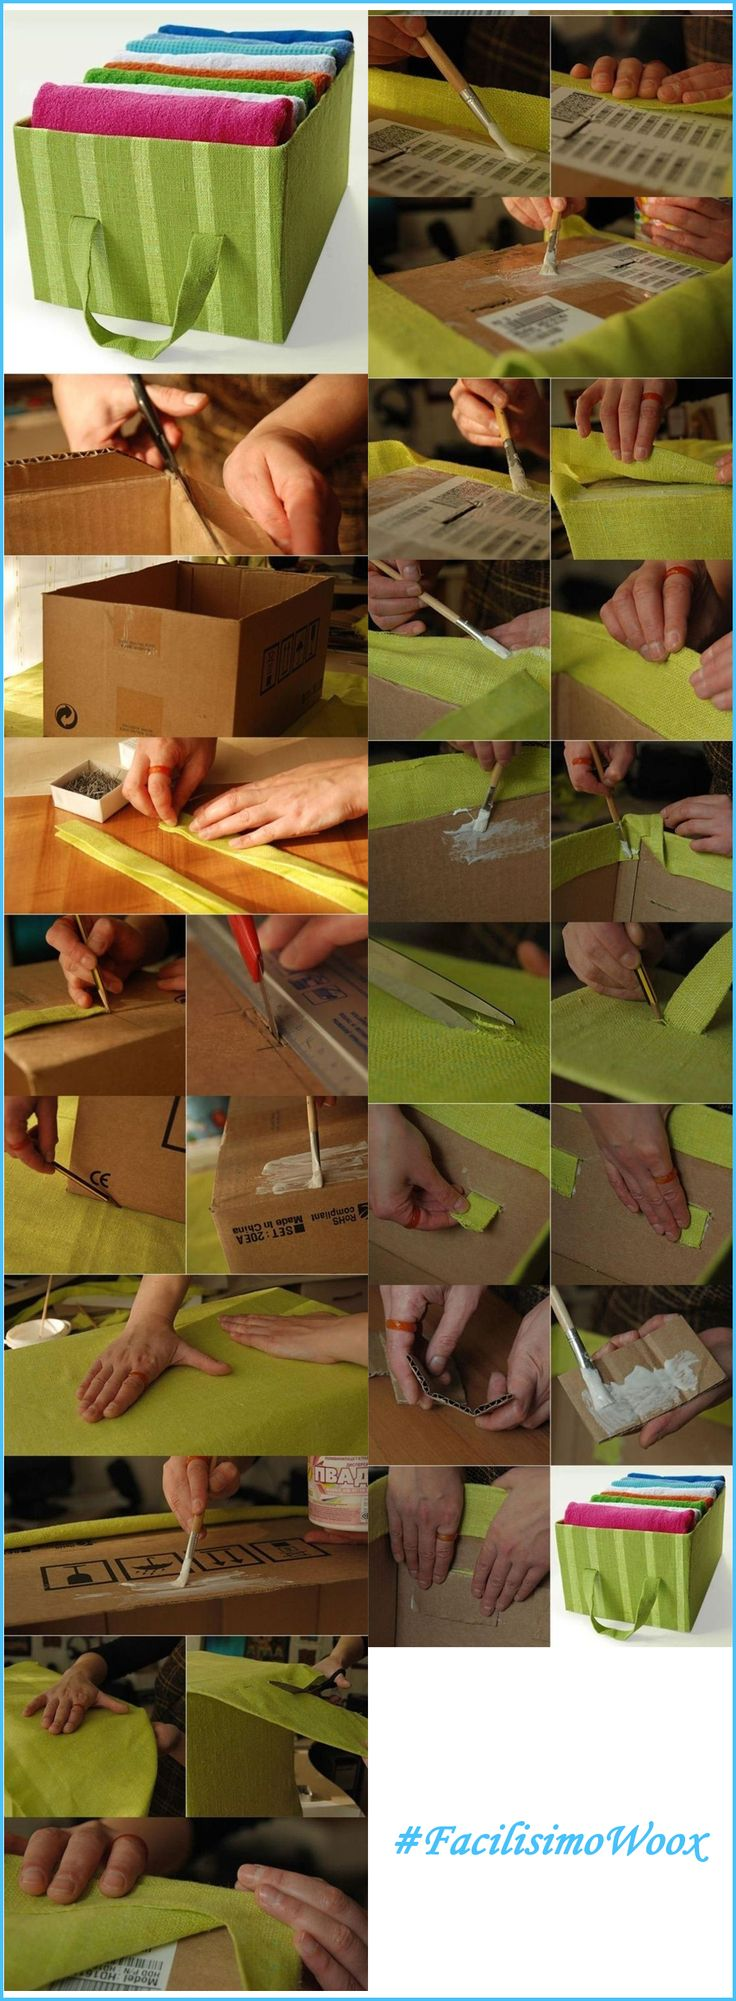 Otra idea para crear algo nuevo mediante el reciclaje de materiales.   #FacilisimoconWoox | #DIY | #Reciclaje